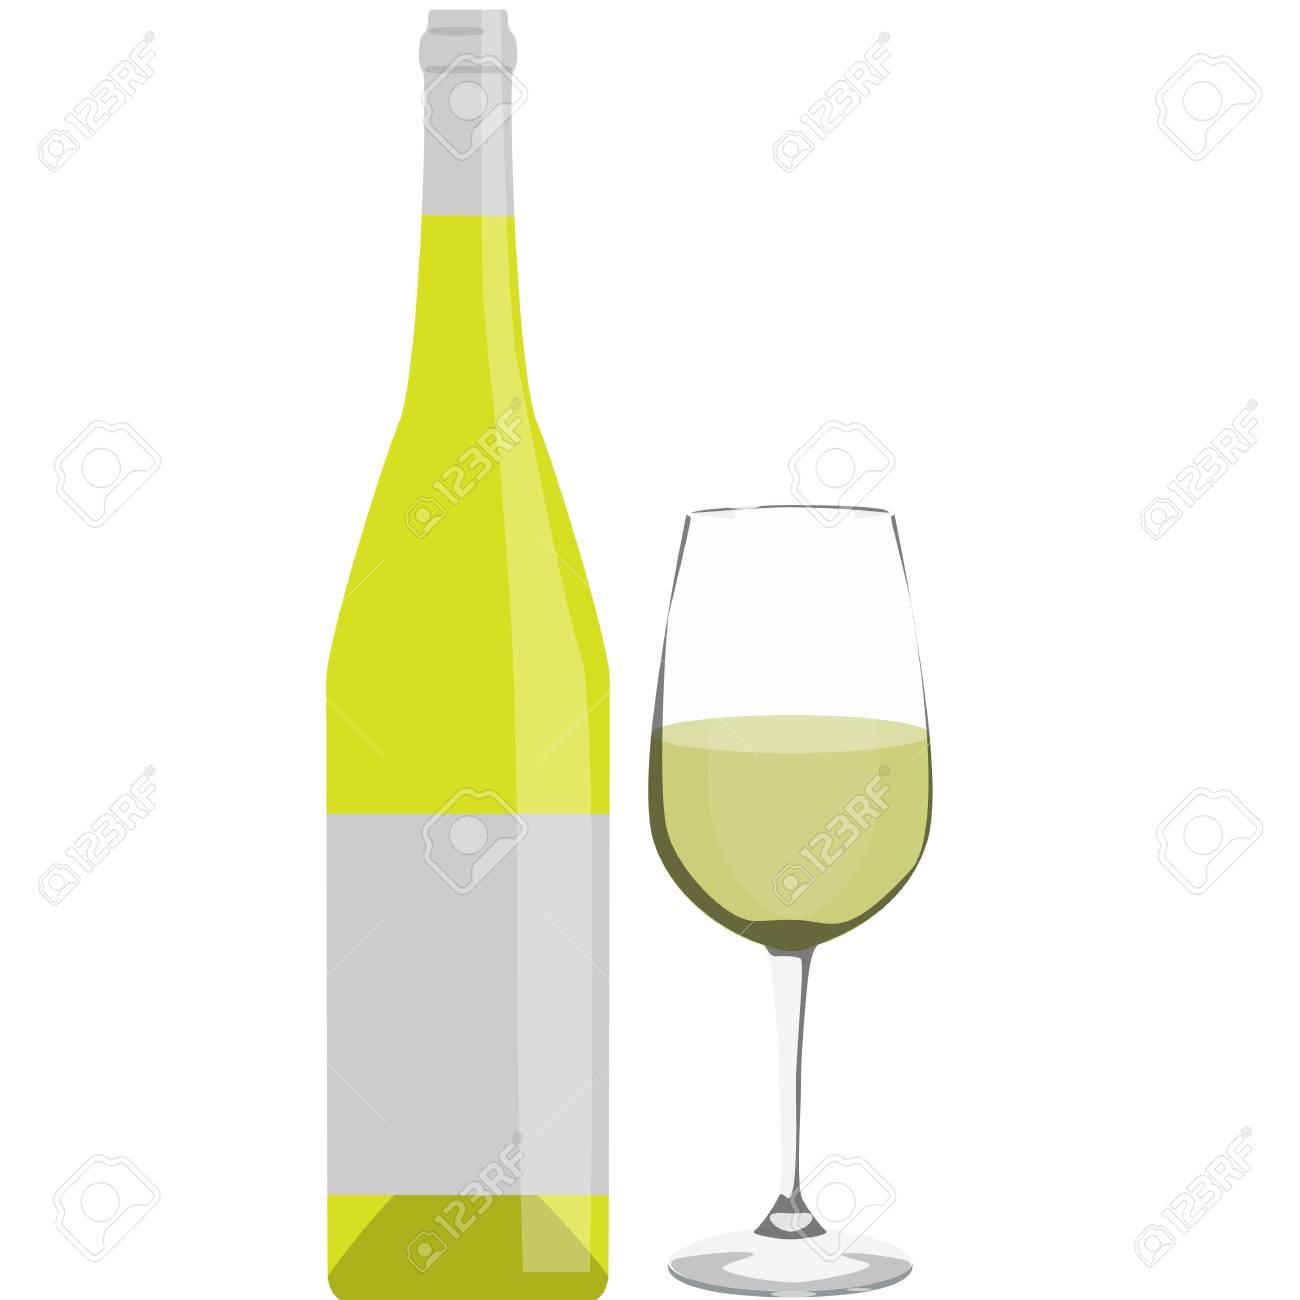 Bouteille de vin blanc avec verre de vin isolé illustration vectorielle